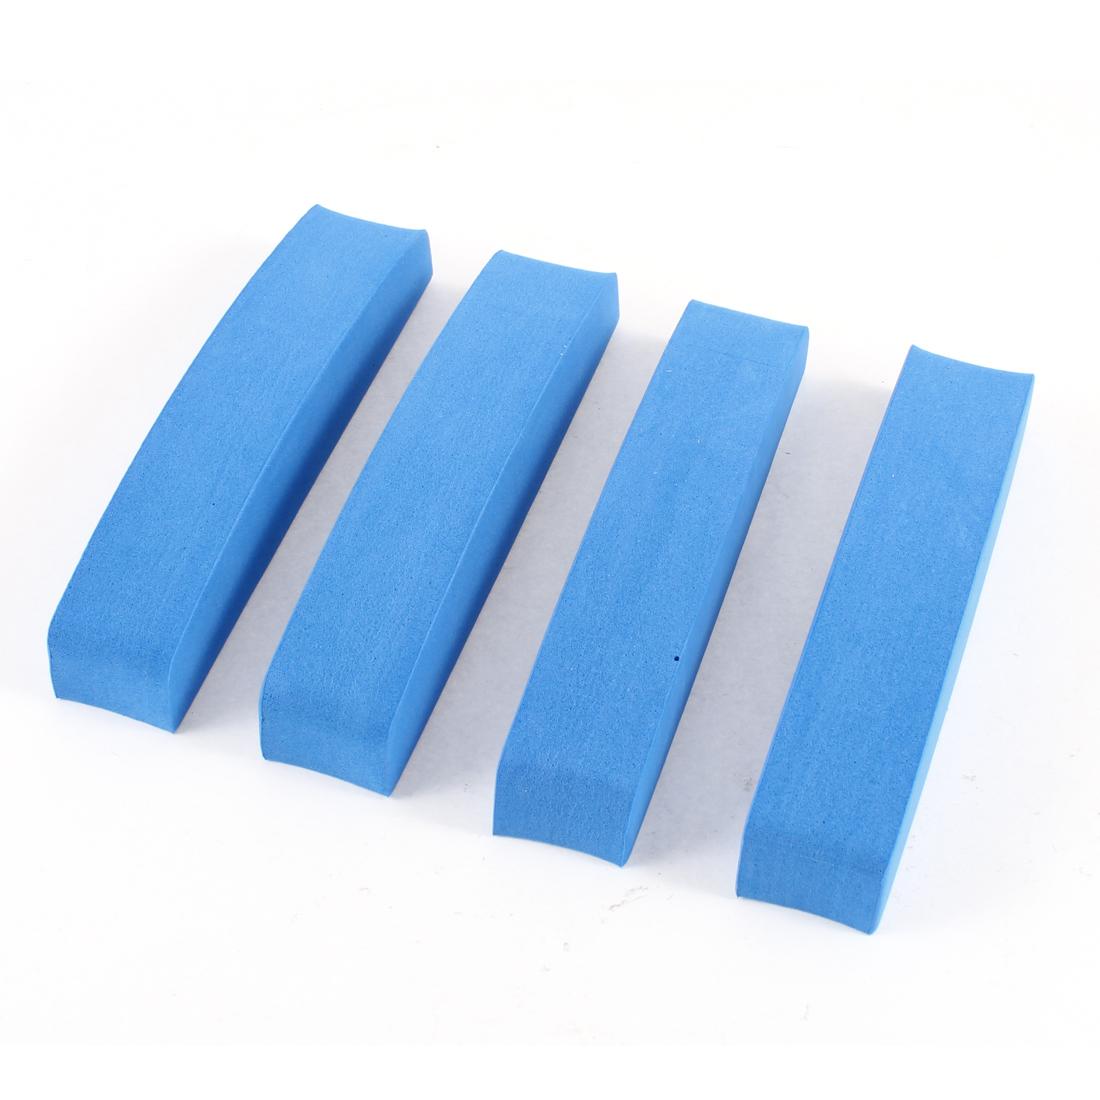 Replacement Blue Foam Cars Trucks Door Bumper Guard Protective Sticker 4 Pcs